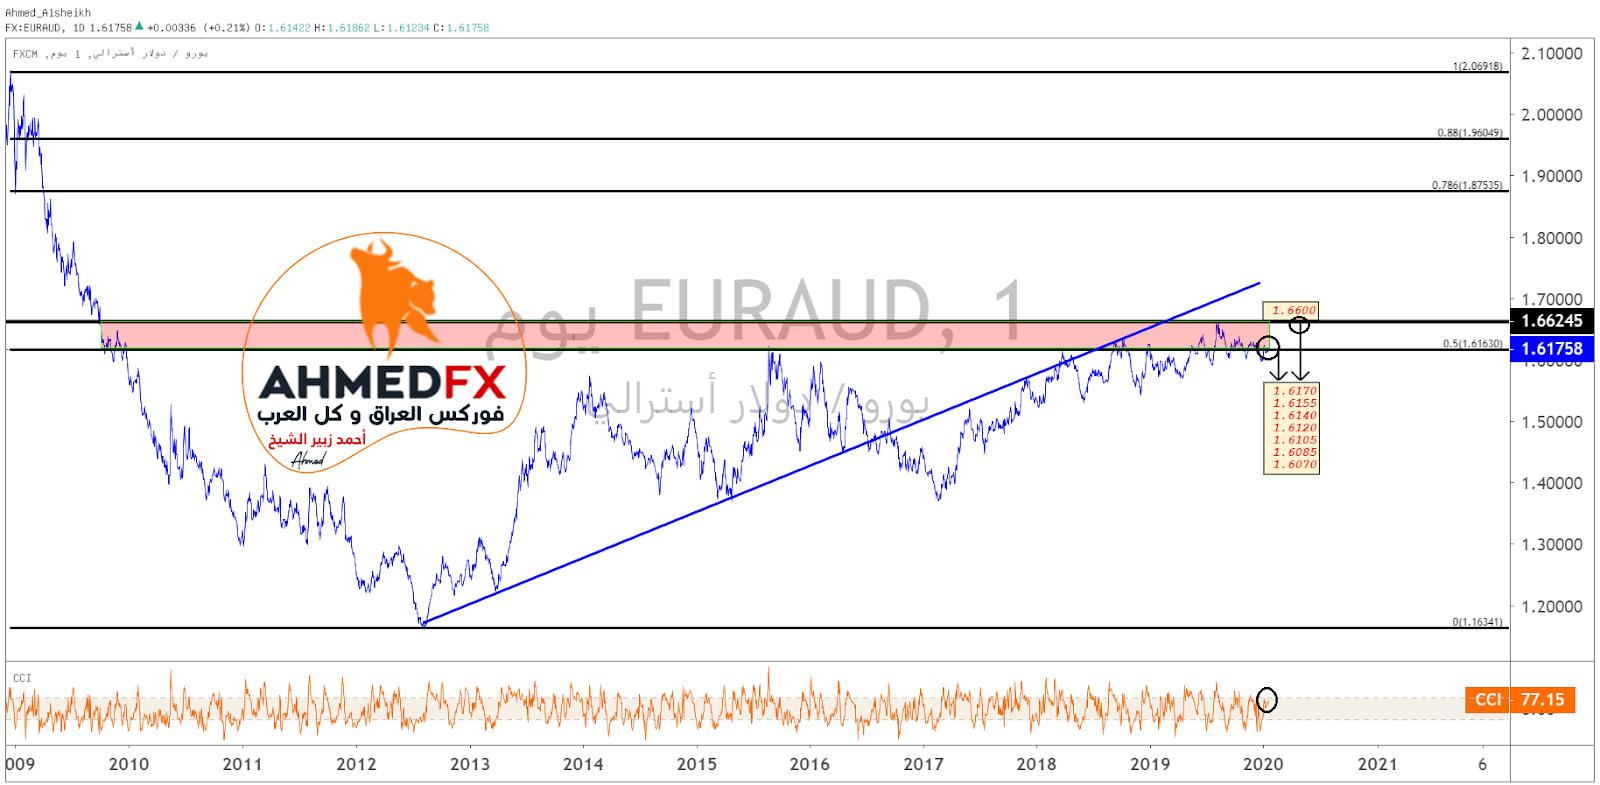 الرسم البياني لتحركات اليورو/استرالي